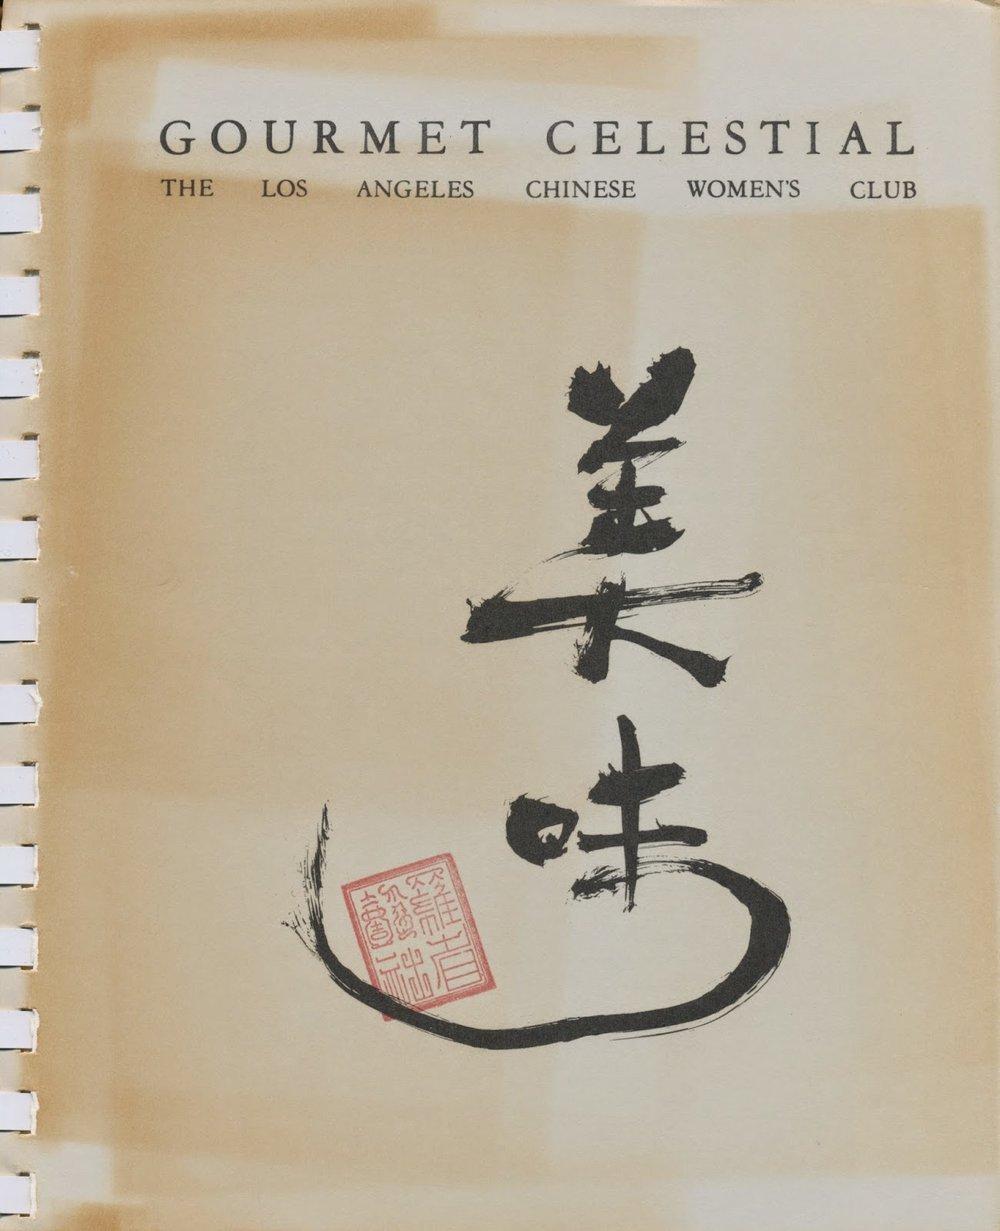 Gourmet Celestial 02.jpg